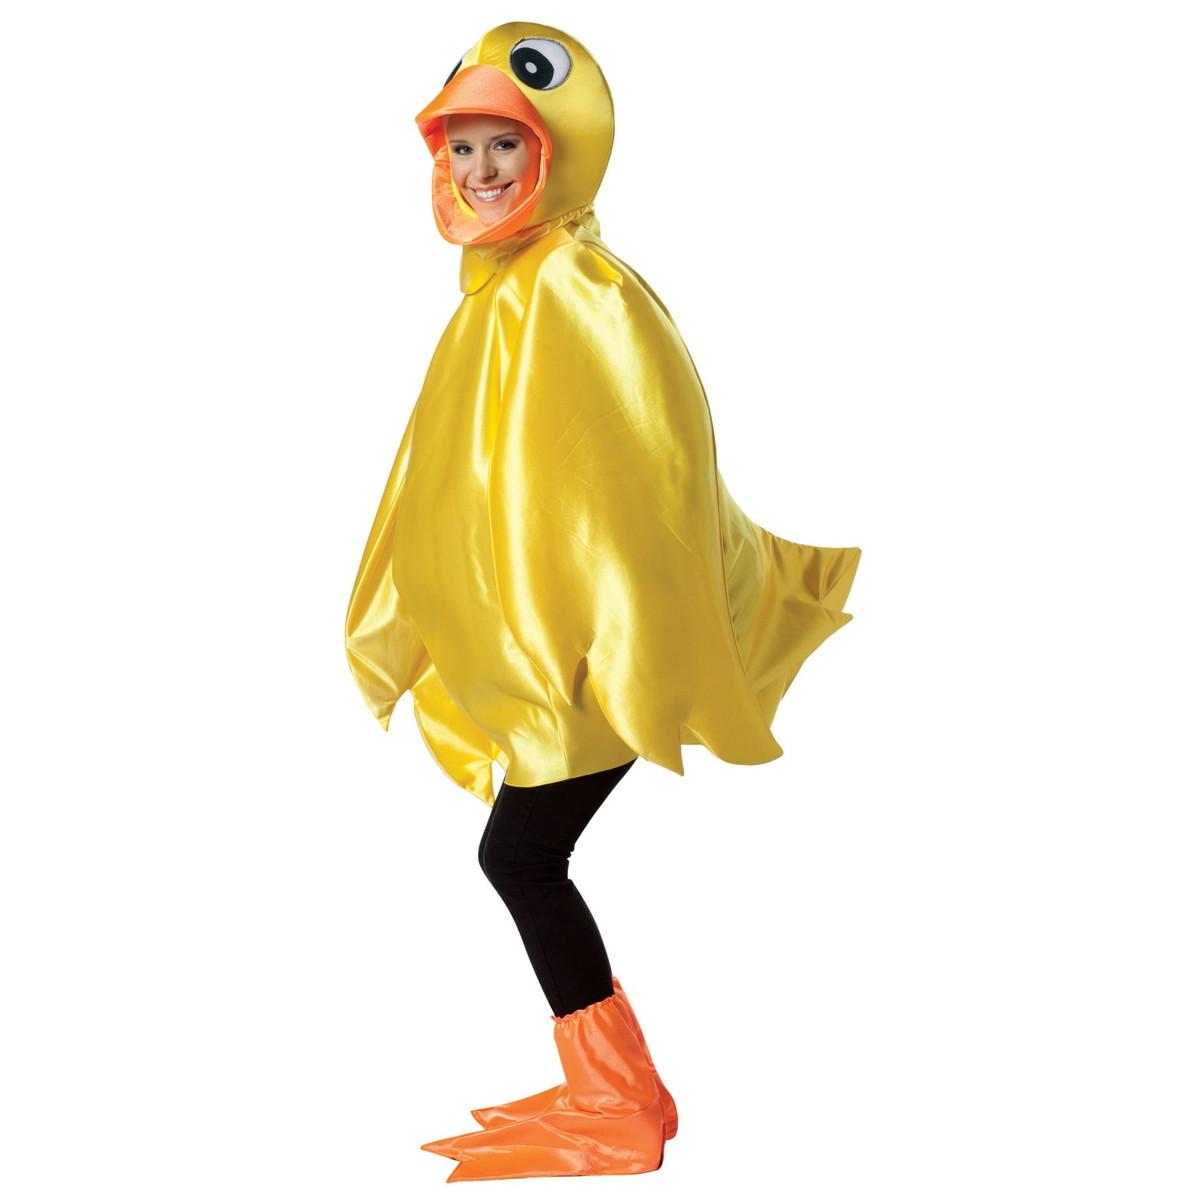 あひる コスプレ コスチューム アヒル 着ぐるみ イースター コスプレ 衣装 黄色い 大人用 ハロウィン コスチューム